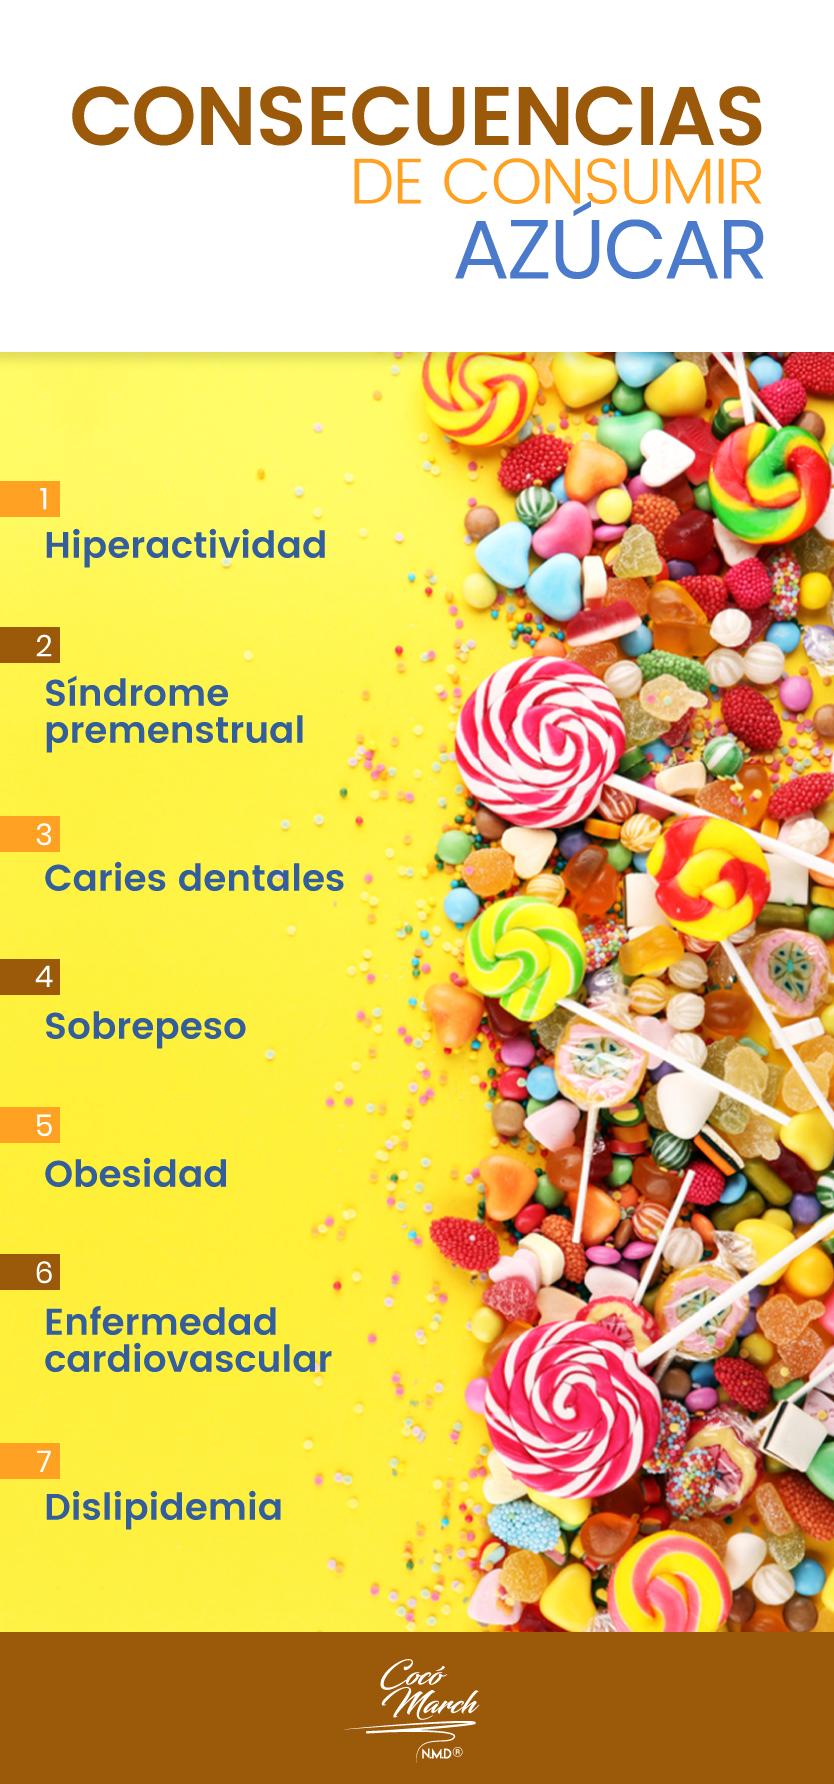 consecuencias-de-consumir-azucar